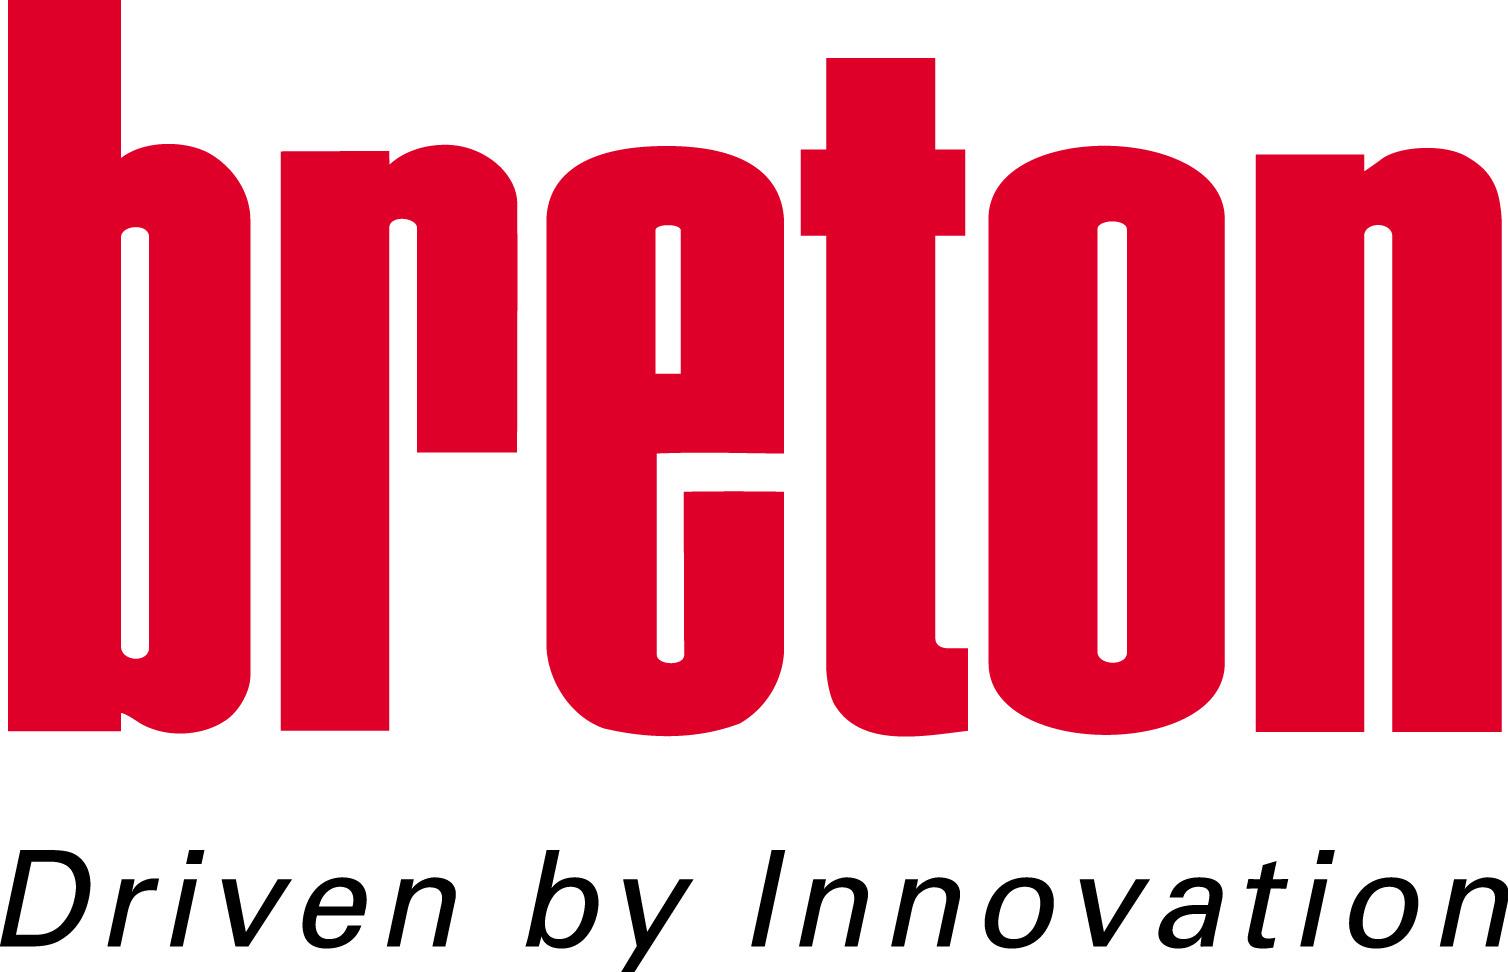 Breton ist Hersteller von Hochgeschwindigkeits -Bearbeitungszentren, Steinbearbeitung, Maschinen zur Verarbeitung von Marmor und Granit, Brückensäge und Anlagen für die Herstellung von Kunststein.